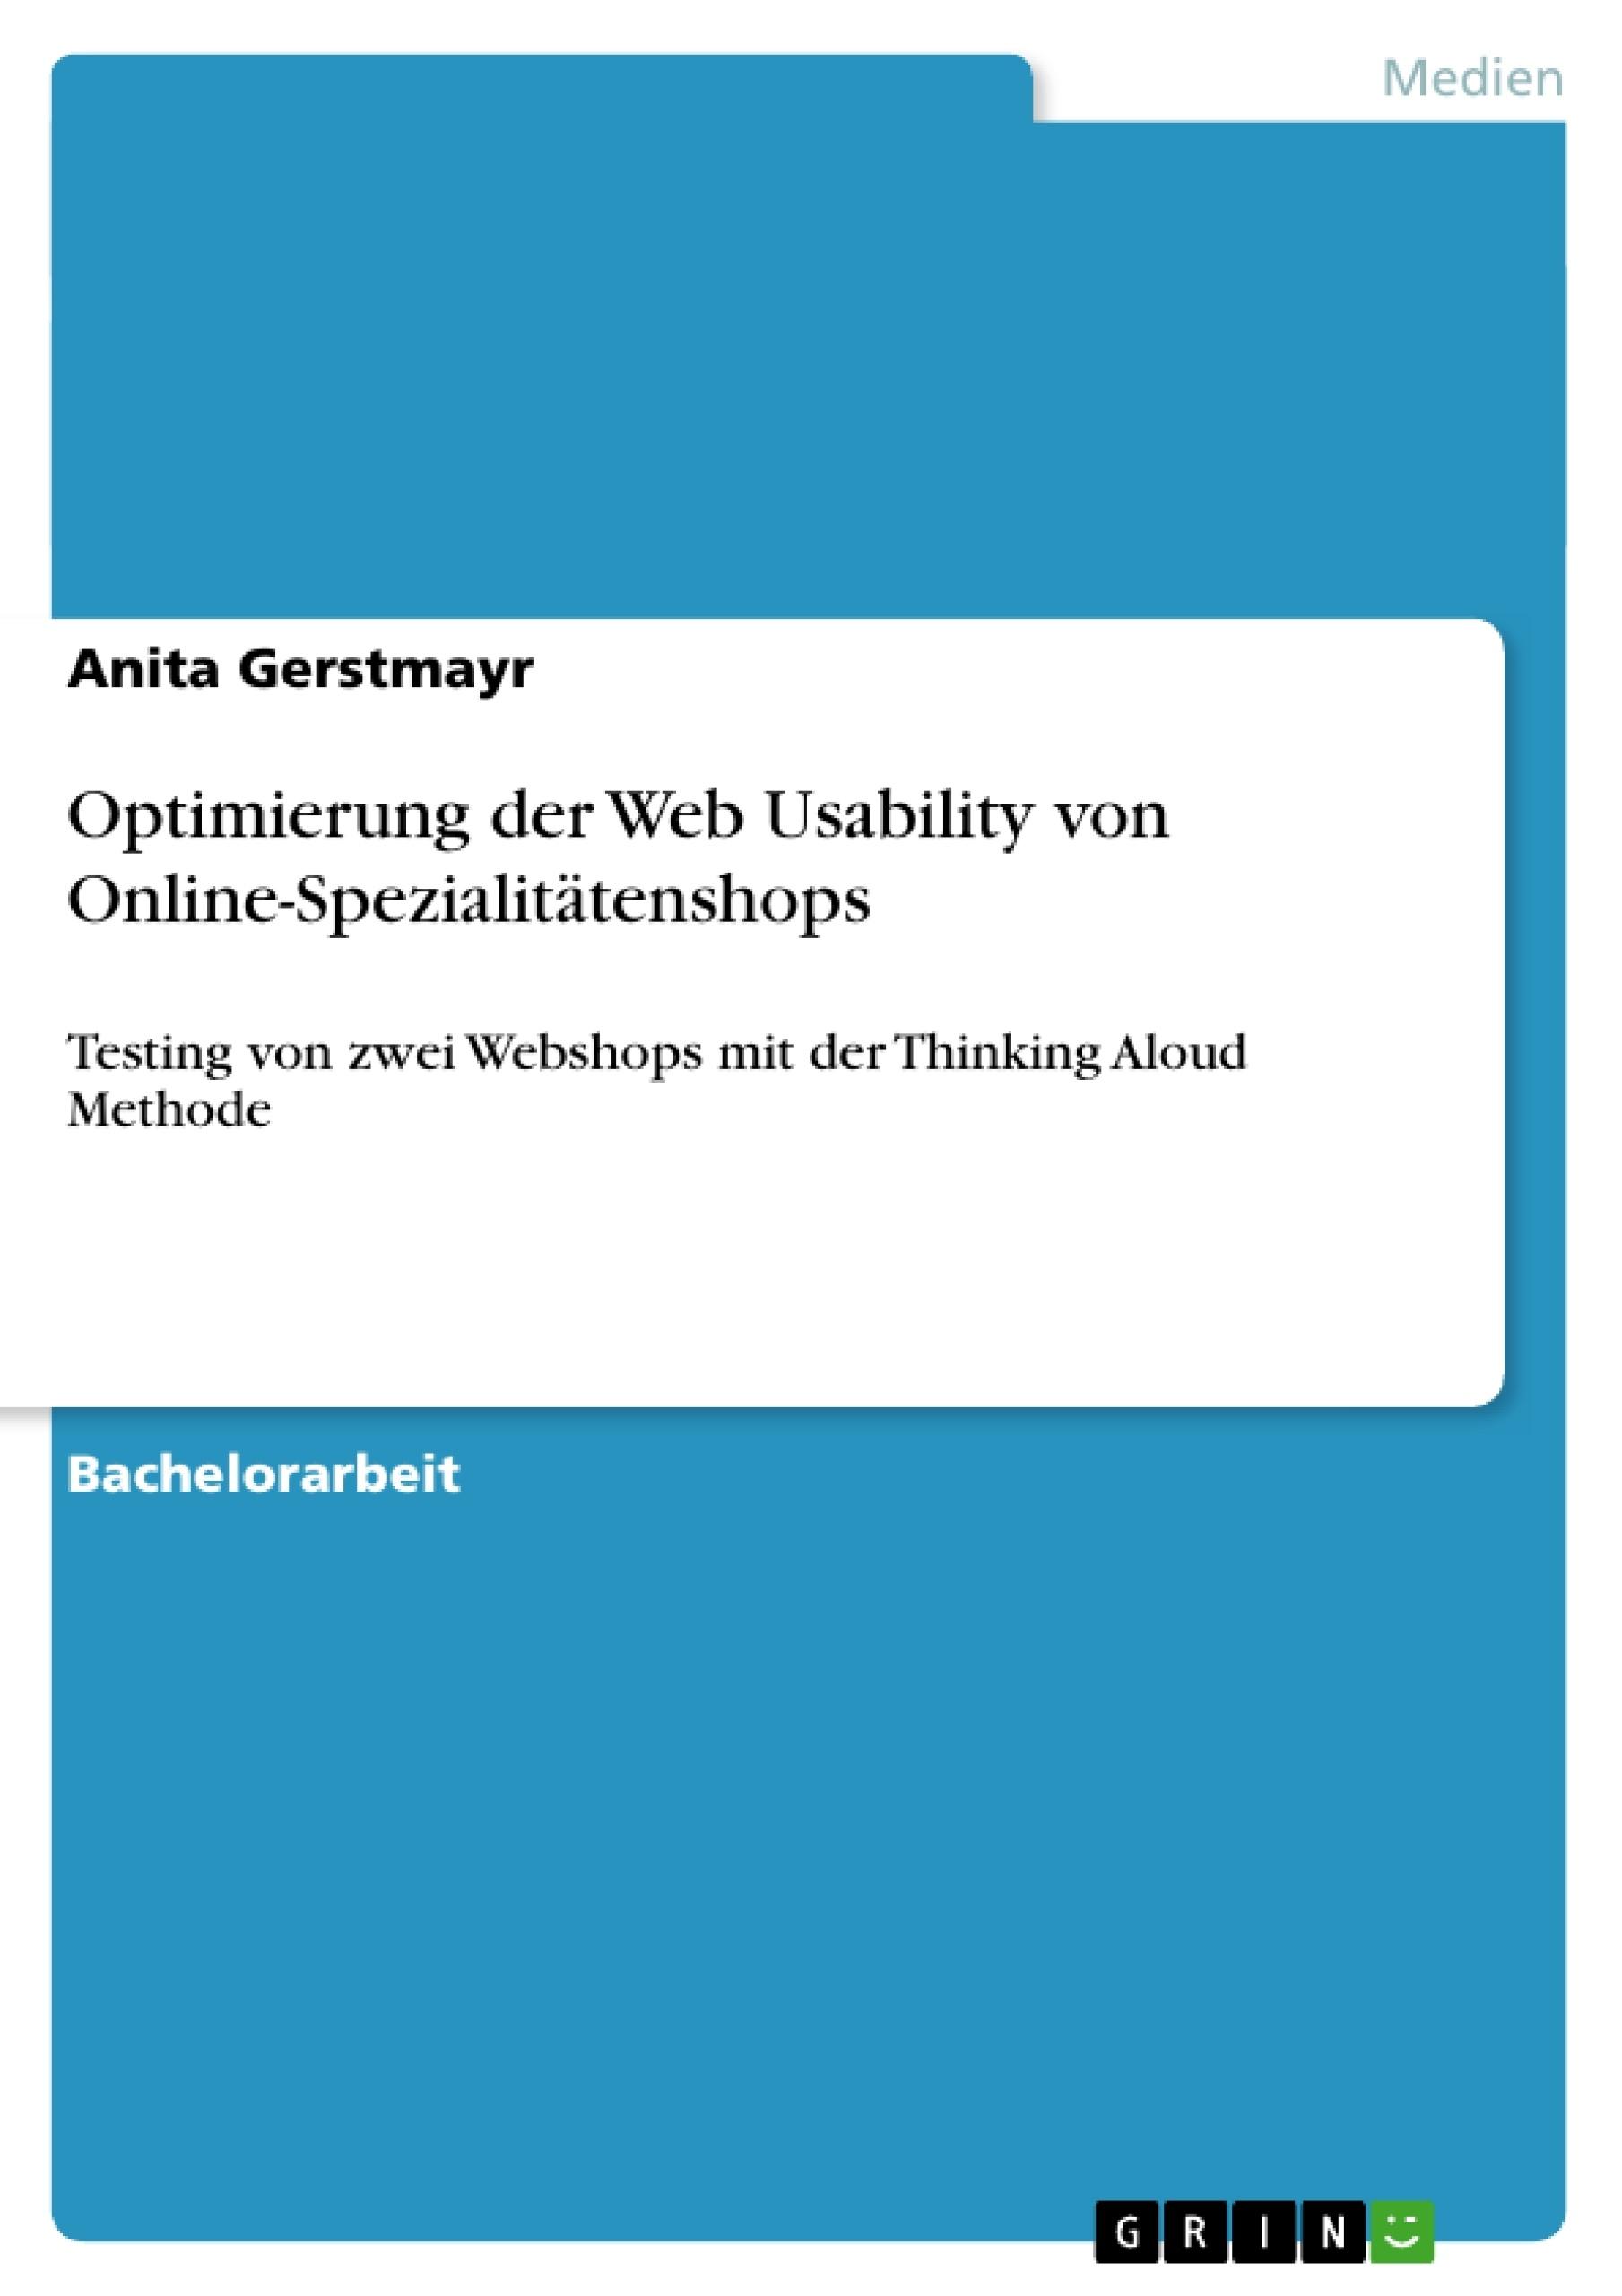 Titel: Optimierung der Web Usability von Online-Spezialitätenshops